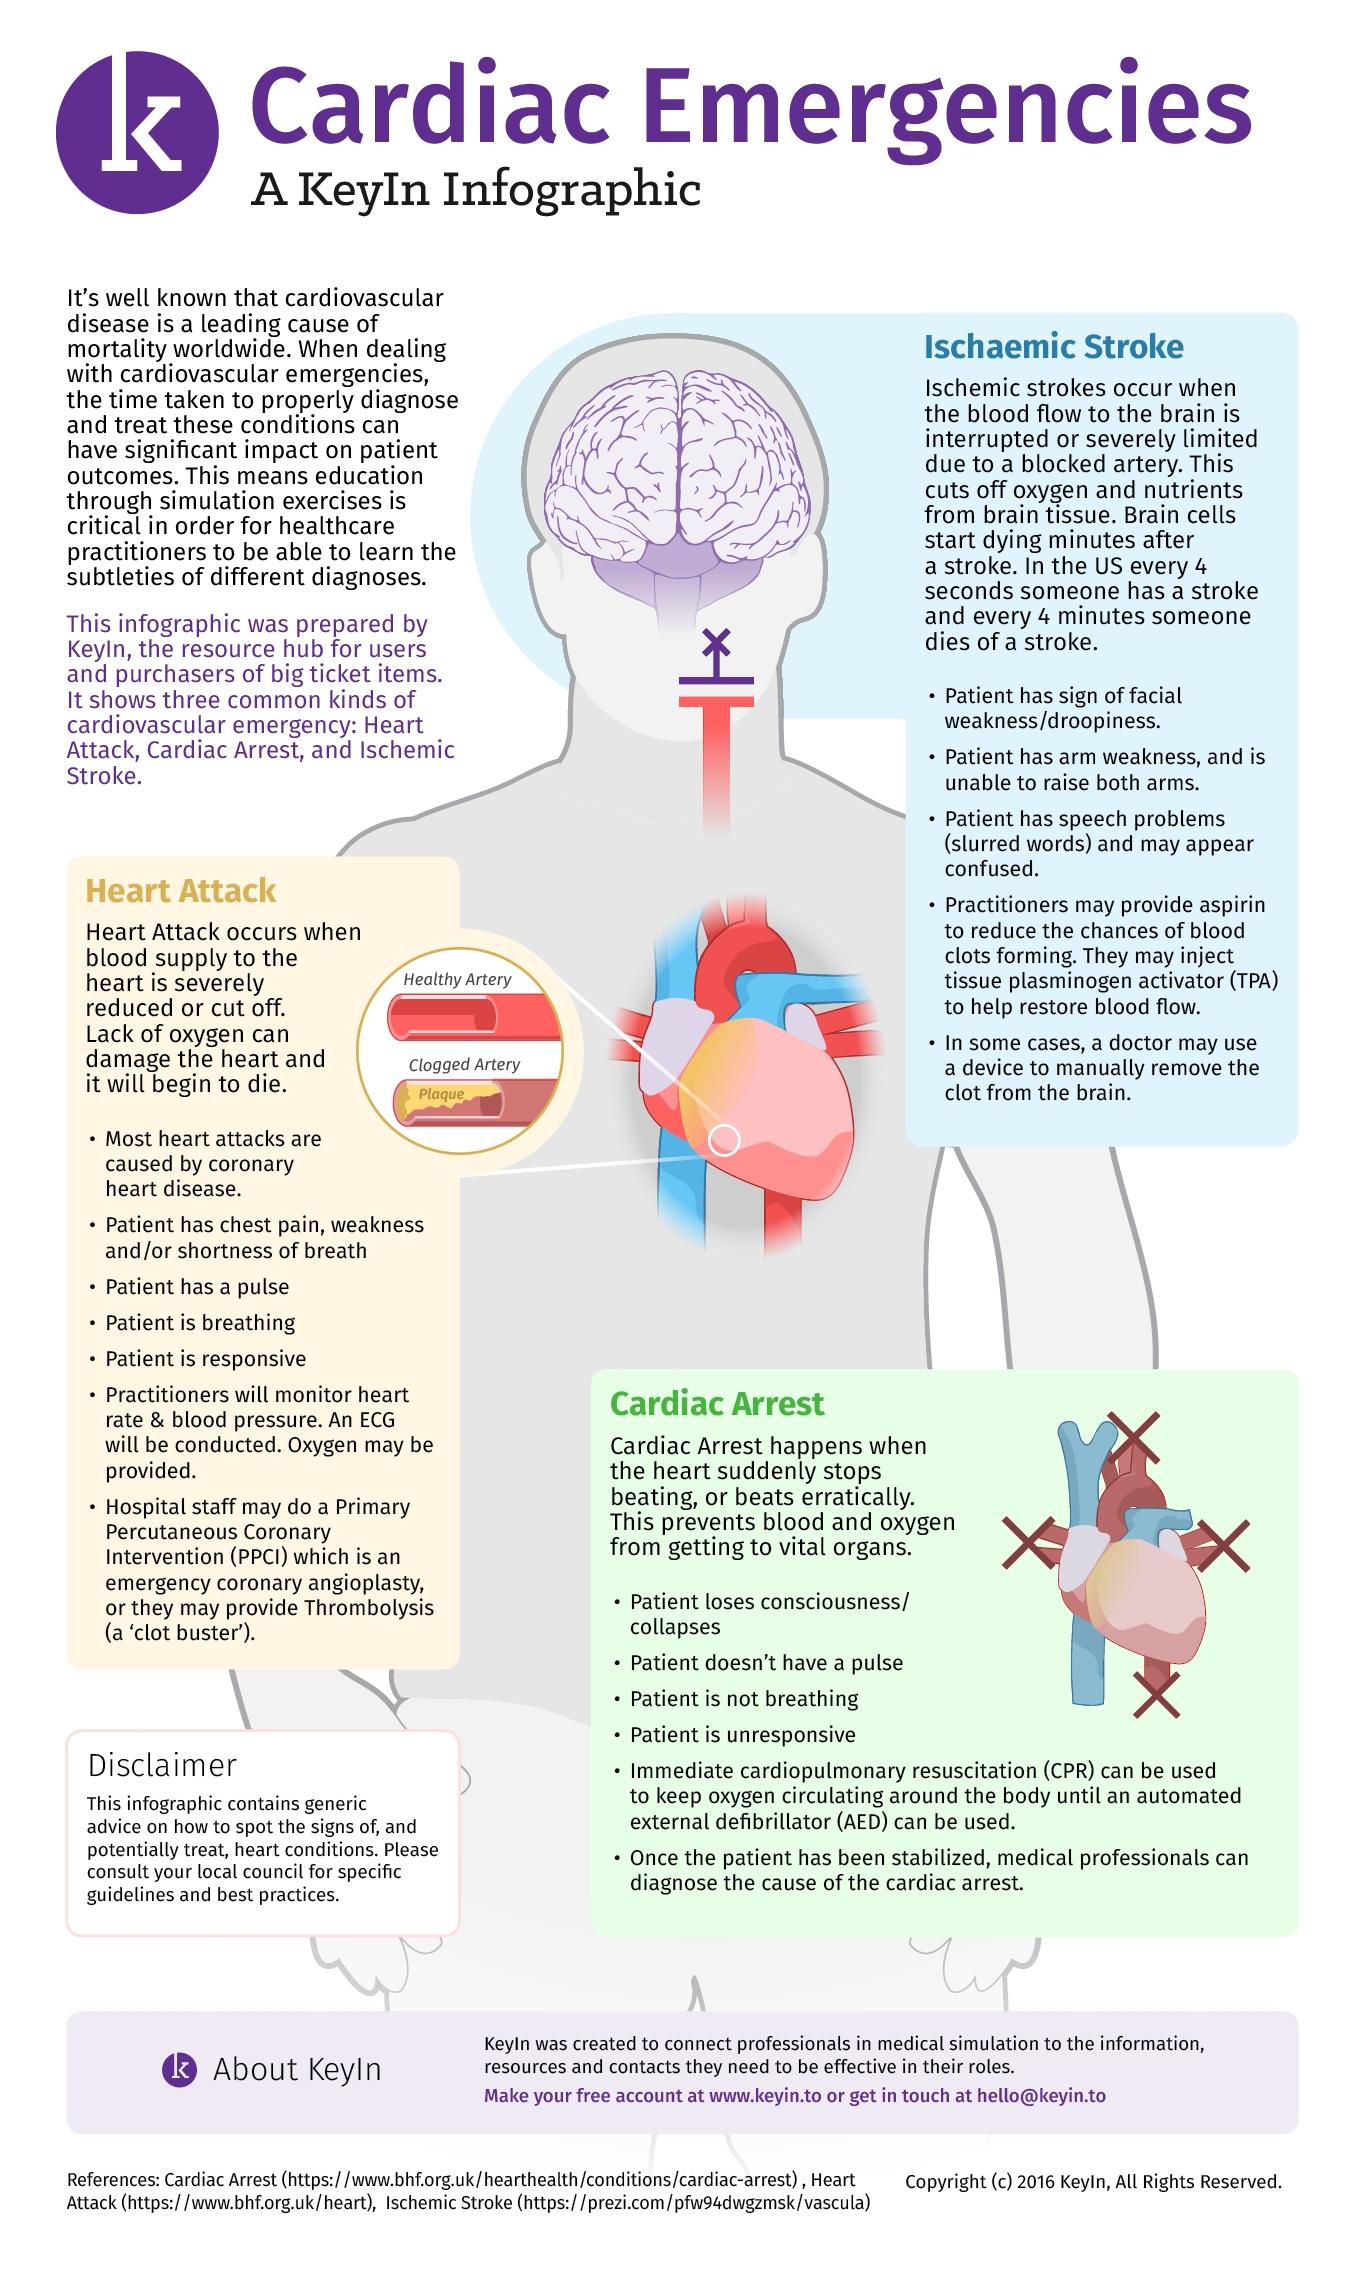 infographic-cardiac_emergencies3.jpg#ass